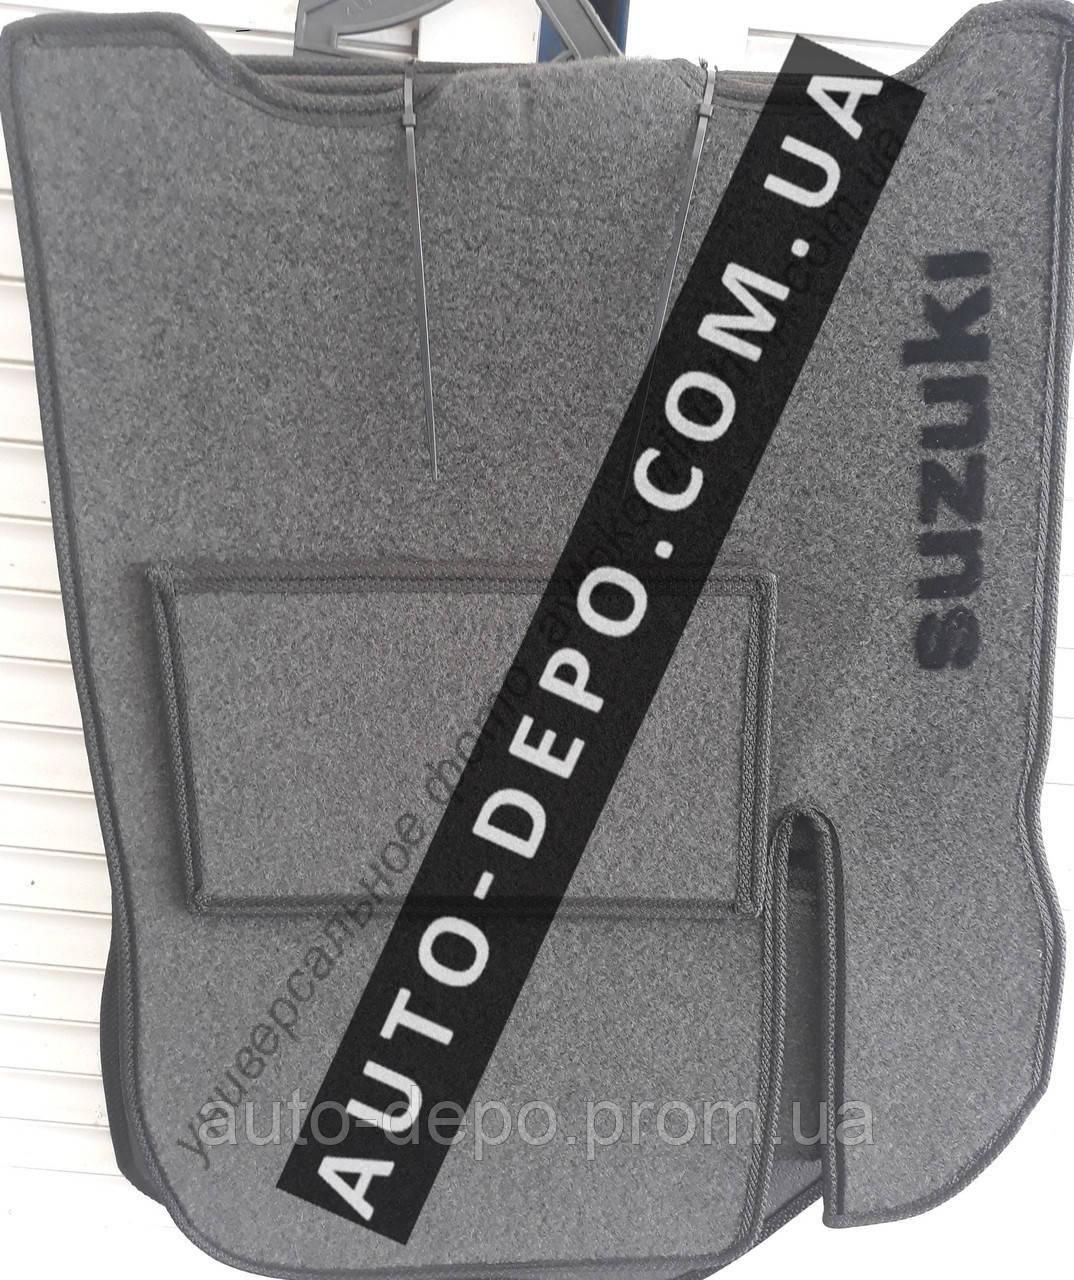 Ворсові килимки Suzuki Vitara S 2016 - VIP ЛЮКС АВТО-ВОРС